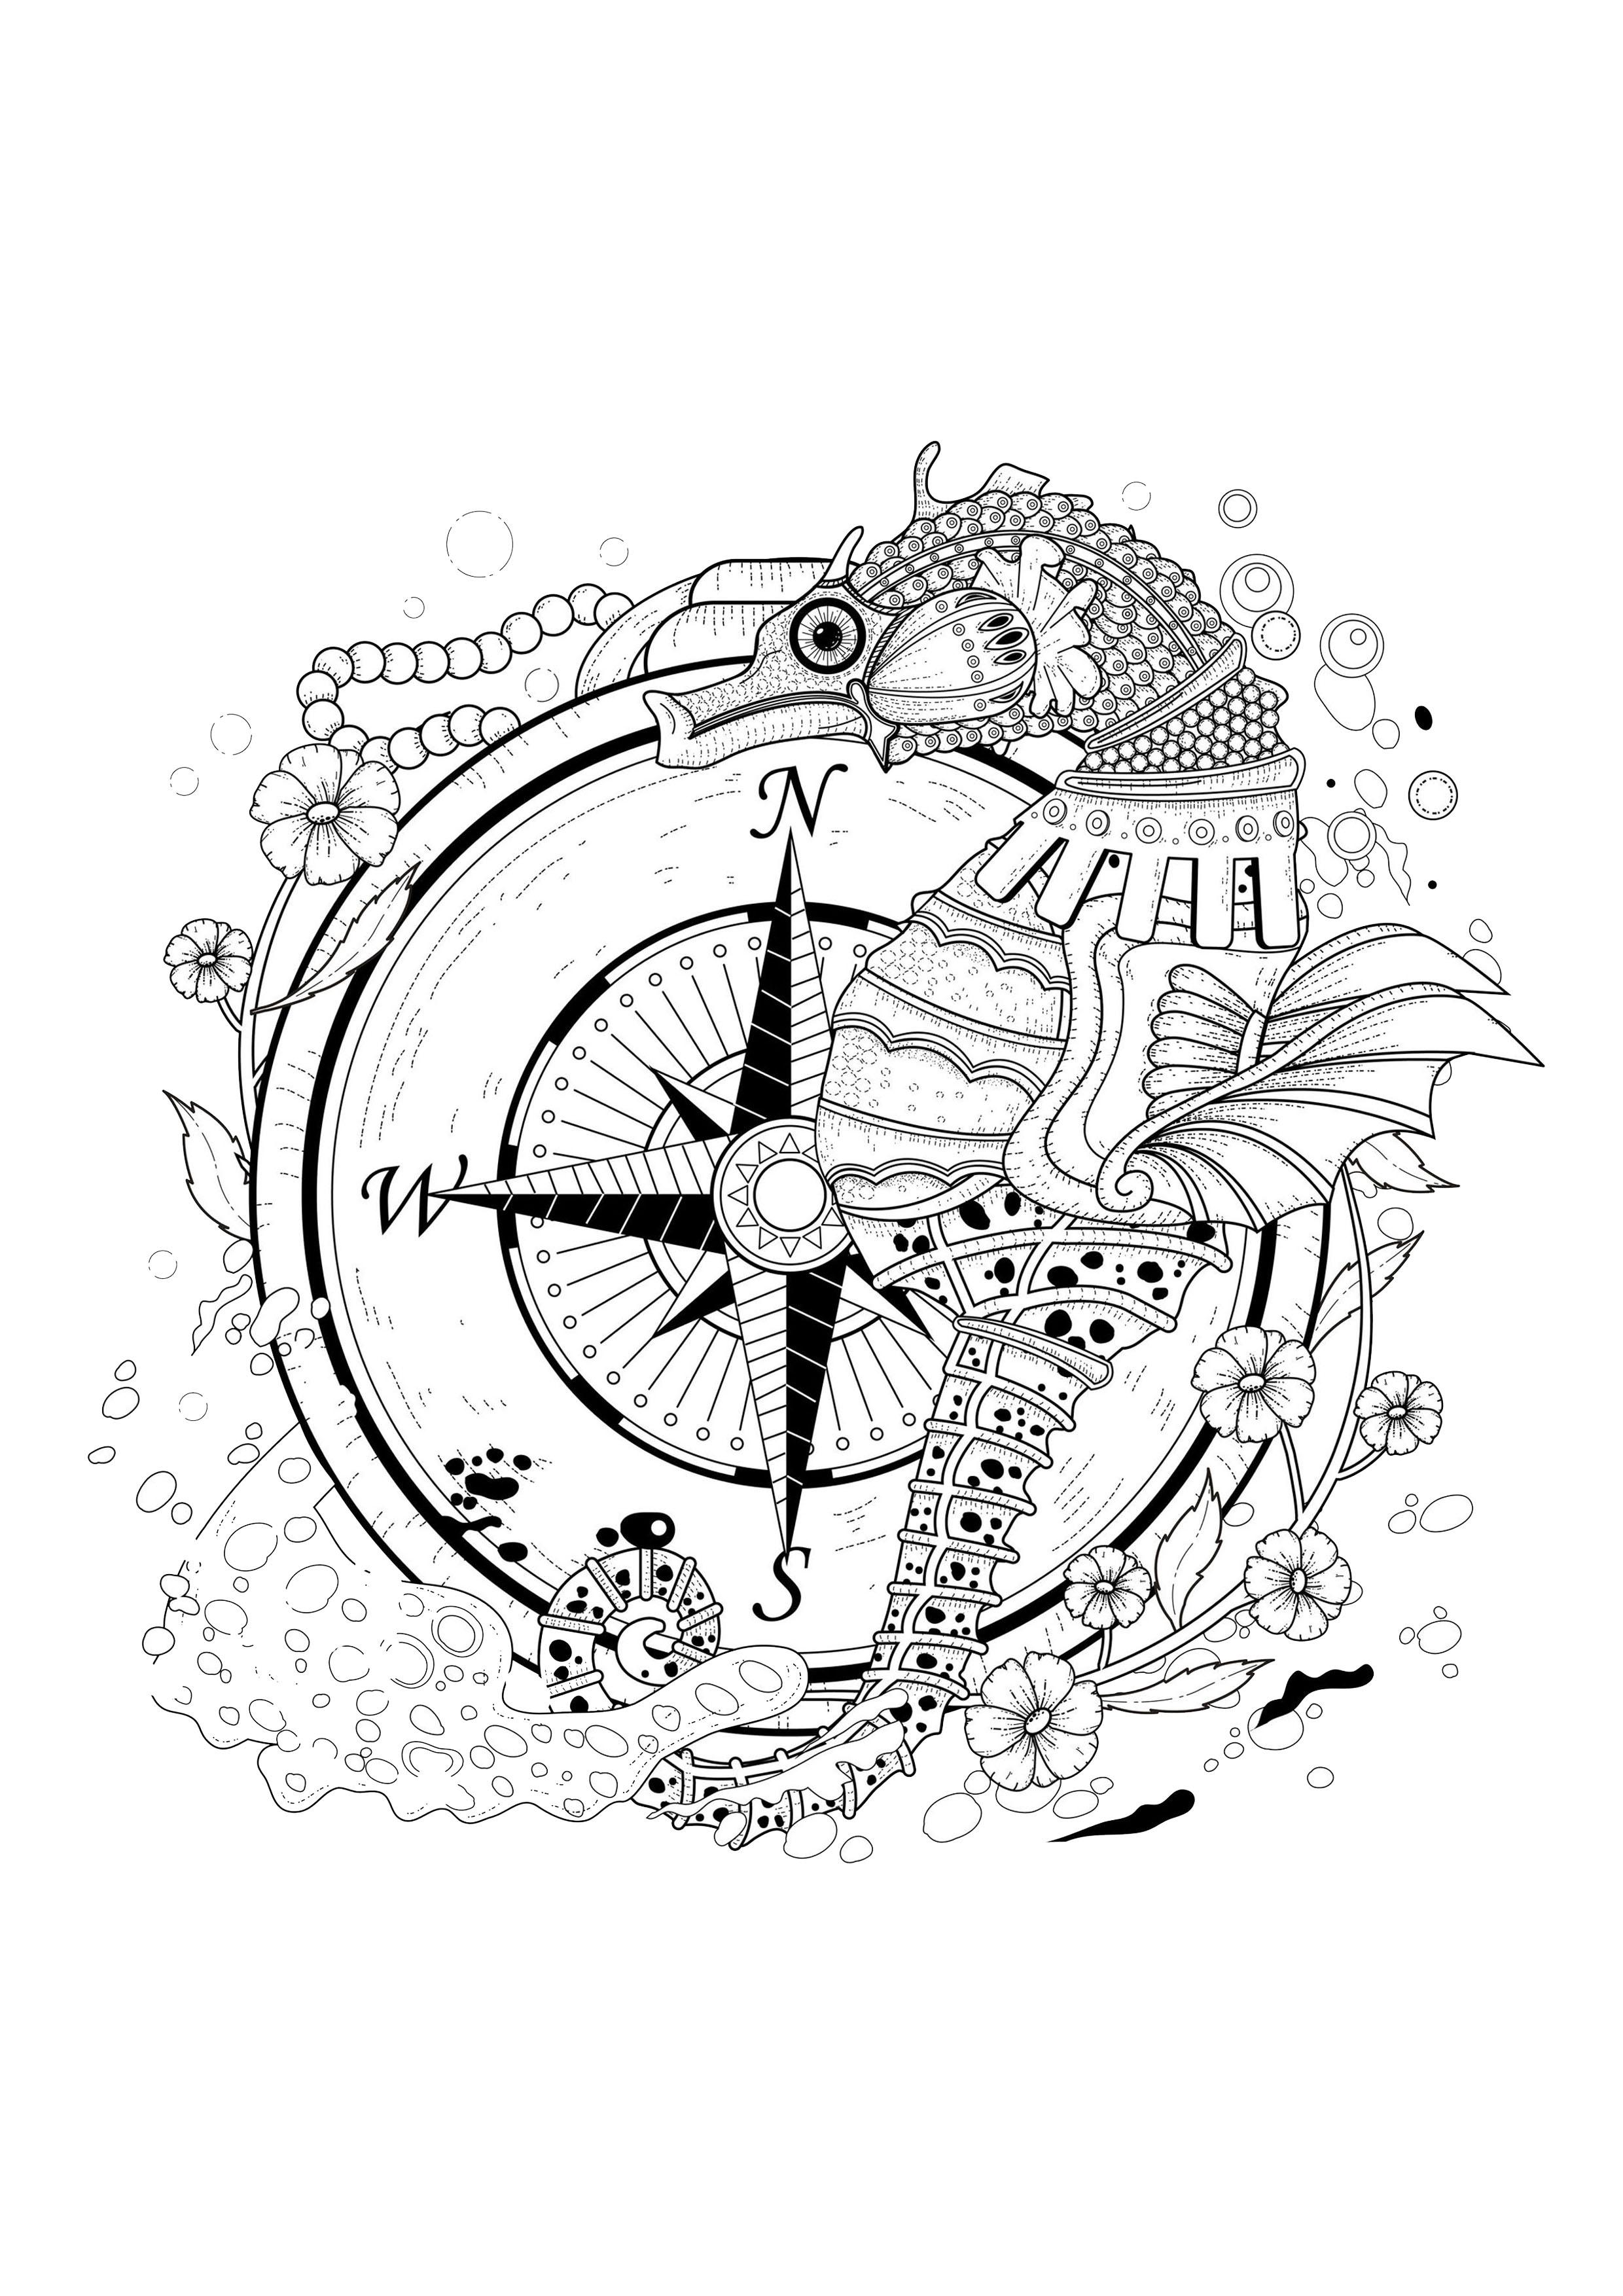 Moitié poisson, moitié cheval : L'hippocampe !A partir de la galerie : Mondes AquatiquesArtiste : Kchung